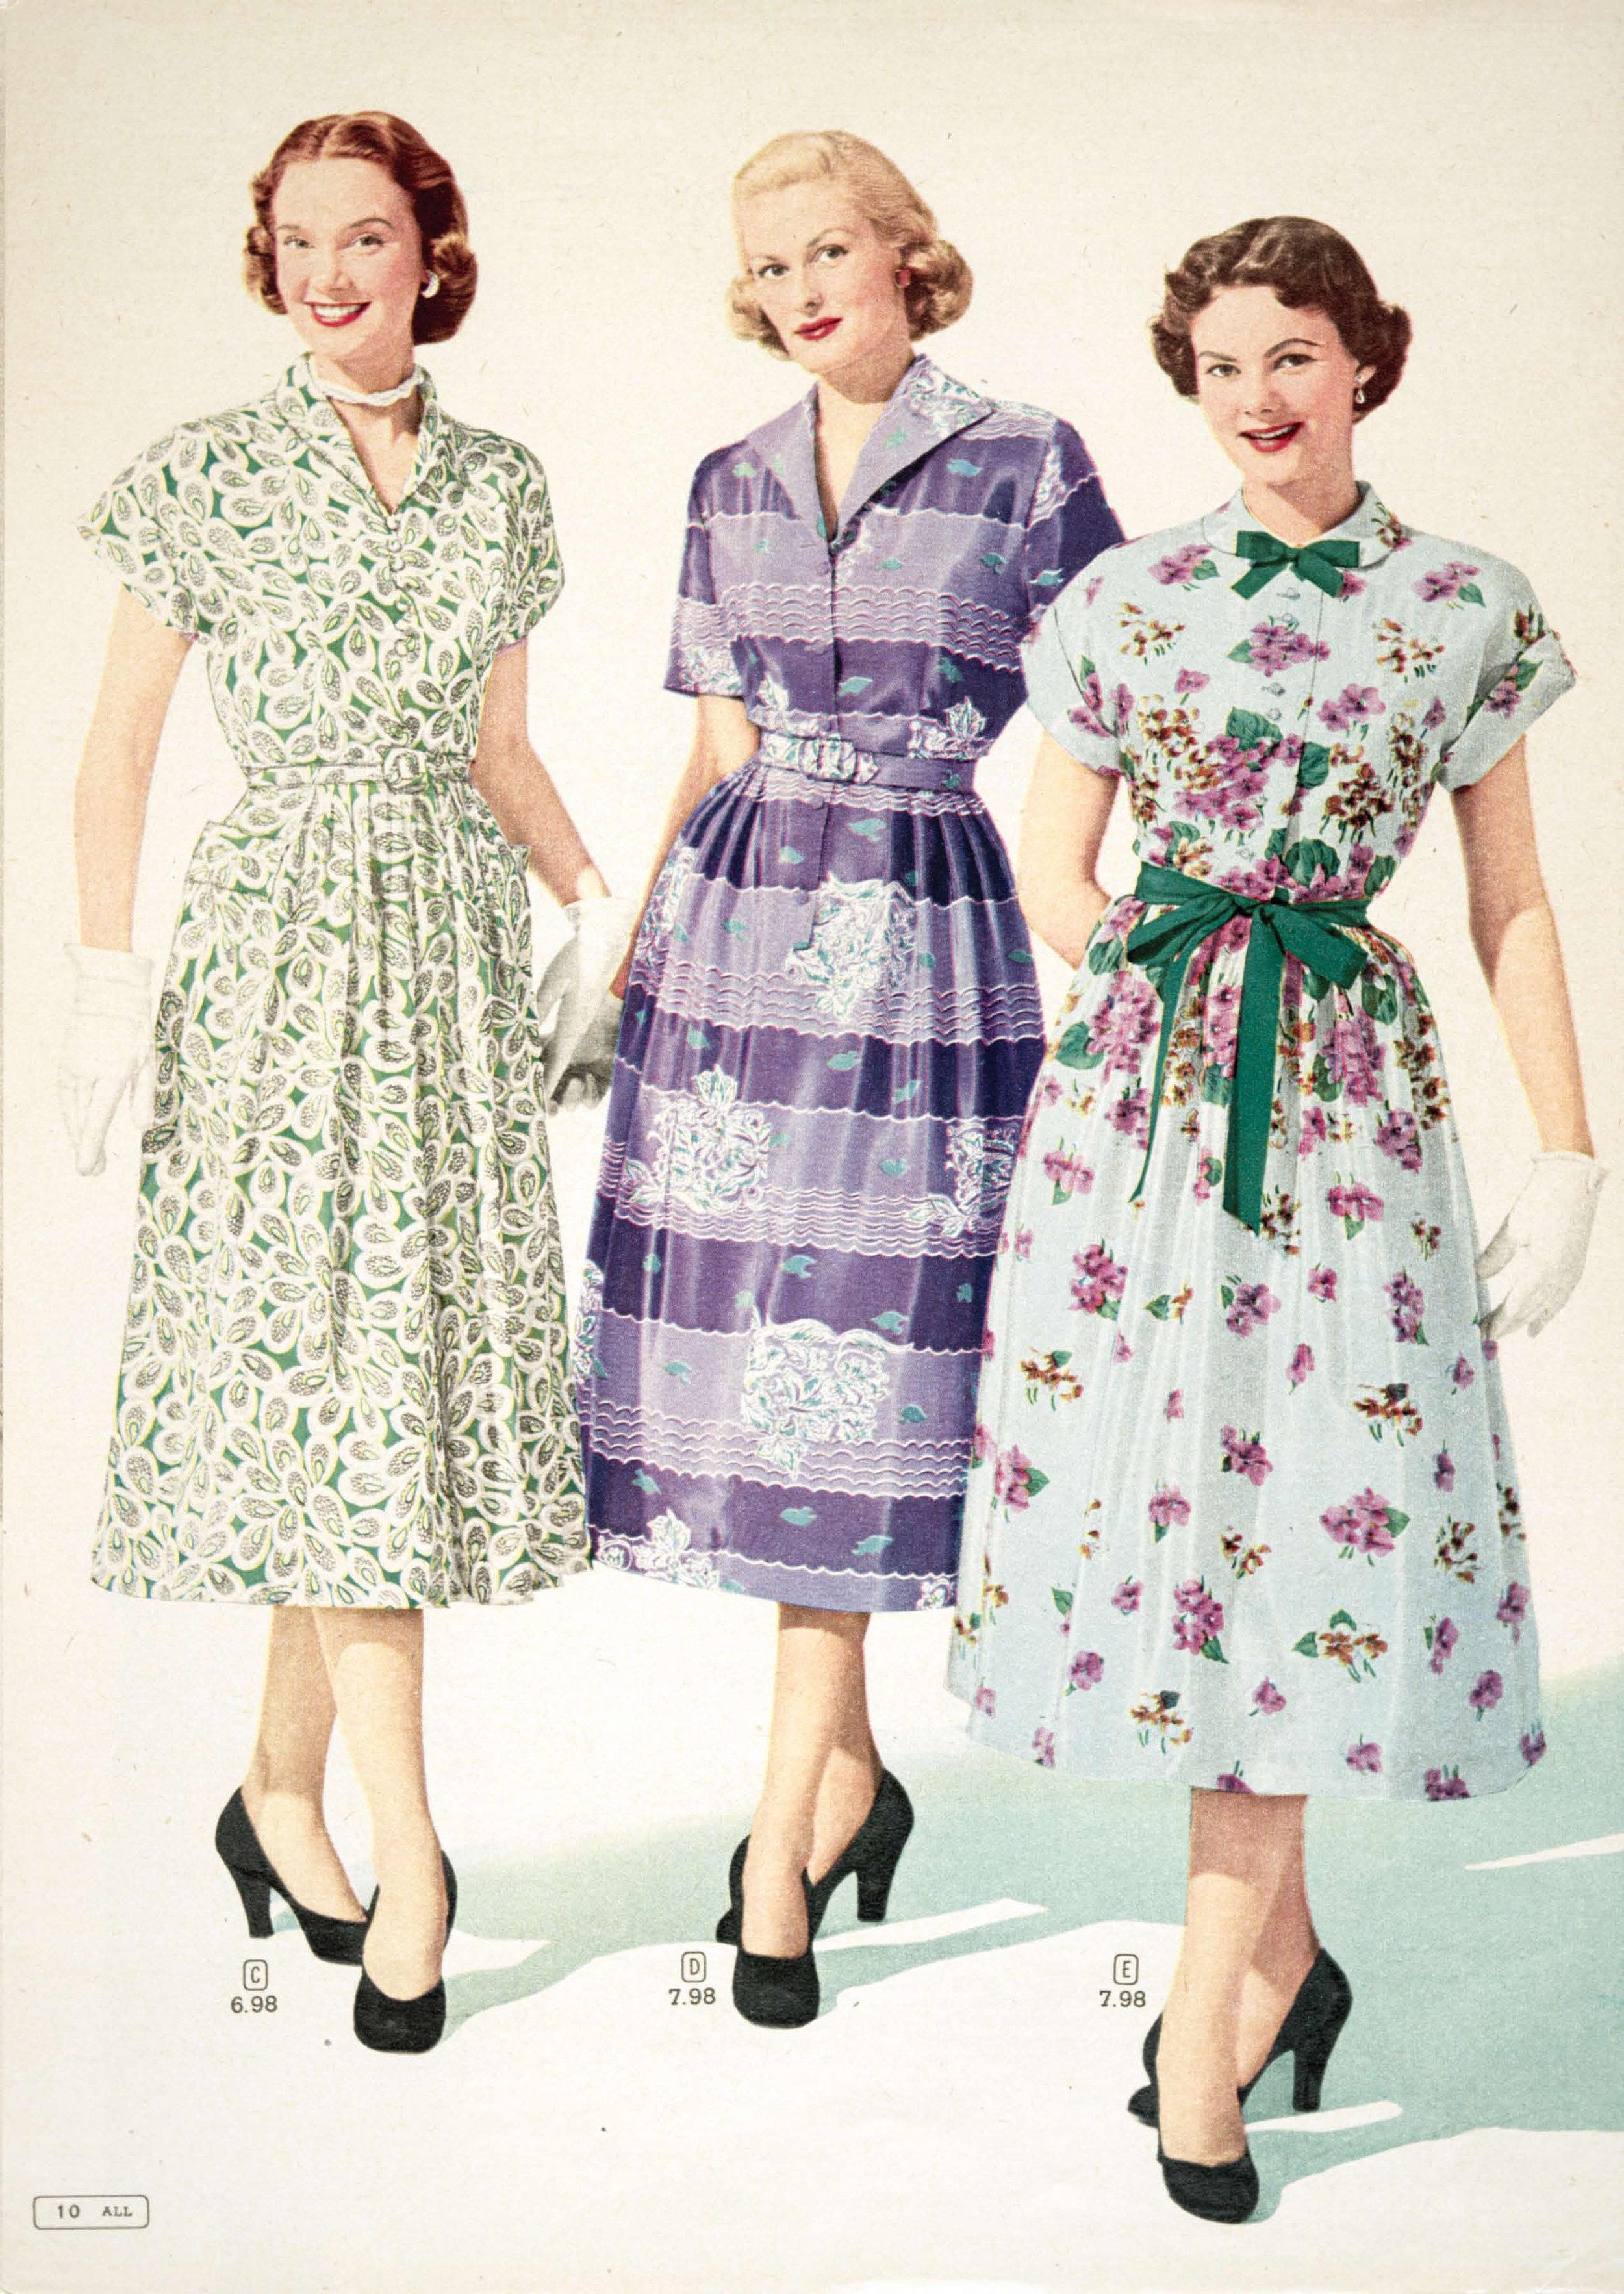 Vintage closhing fashion Vintage Cooking2018-01-13 at 7.55.34 PM 24.jpg